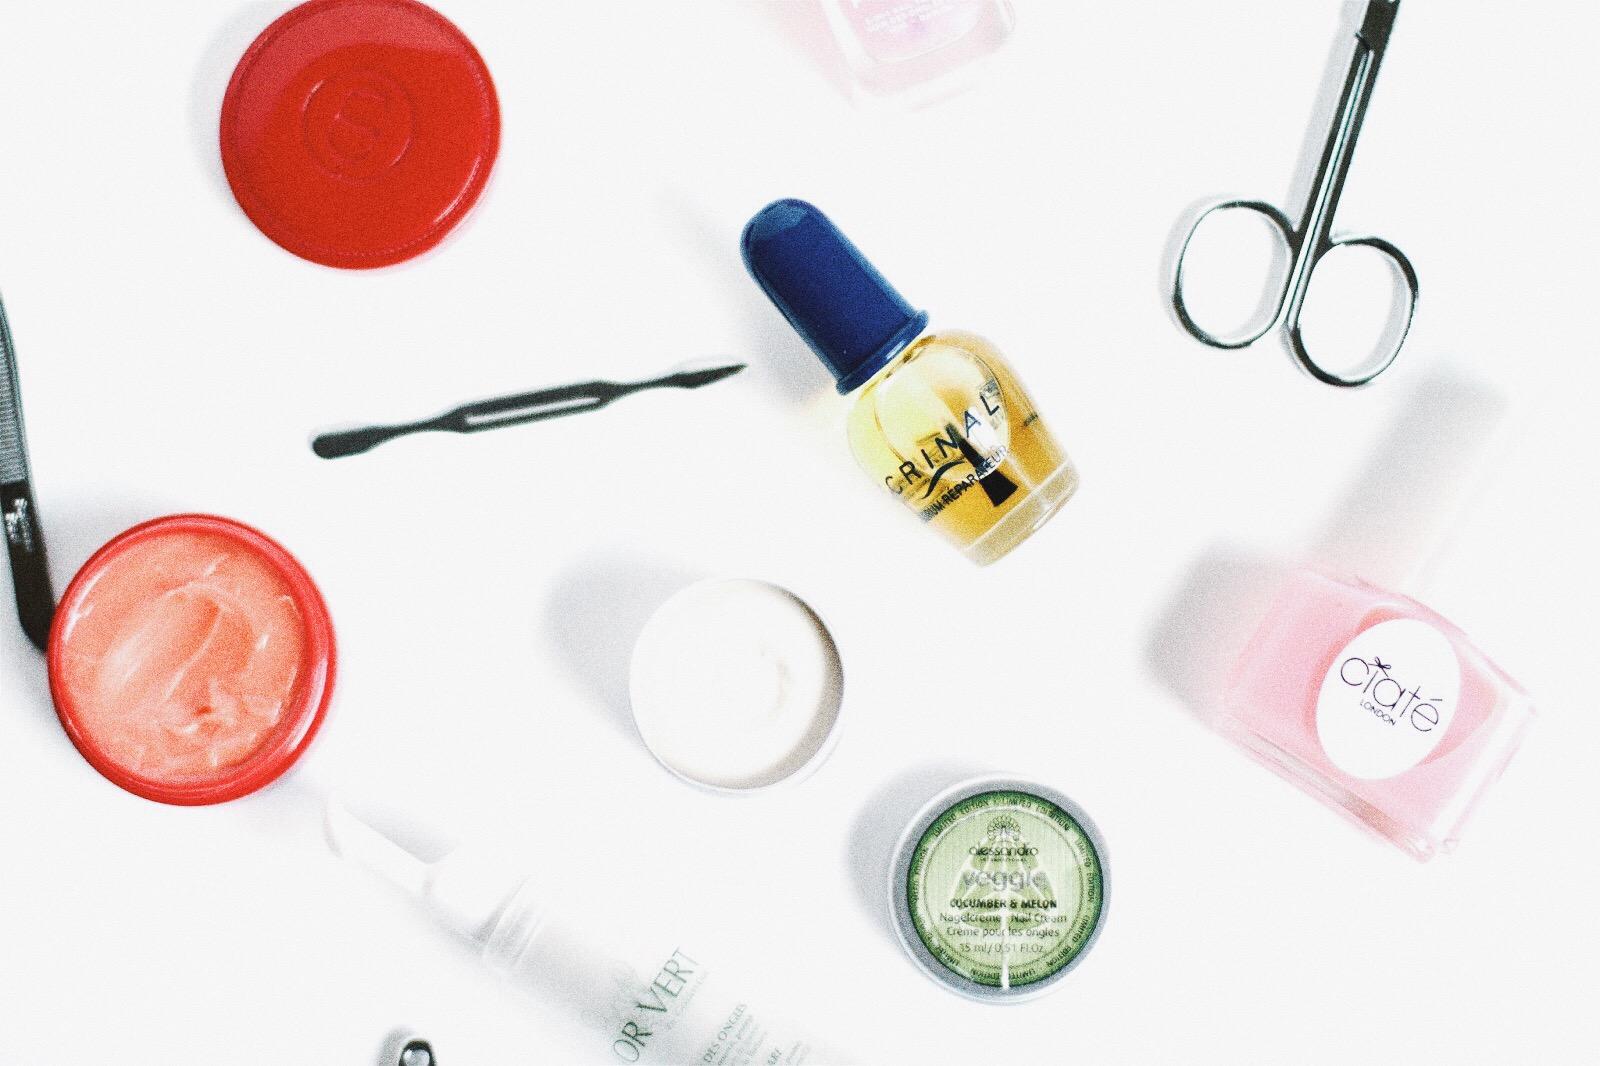 soin traitement de l'ongle creme huile masque hydratants avis test